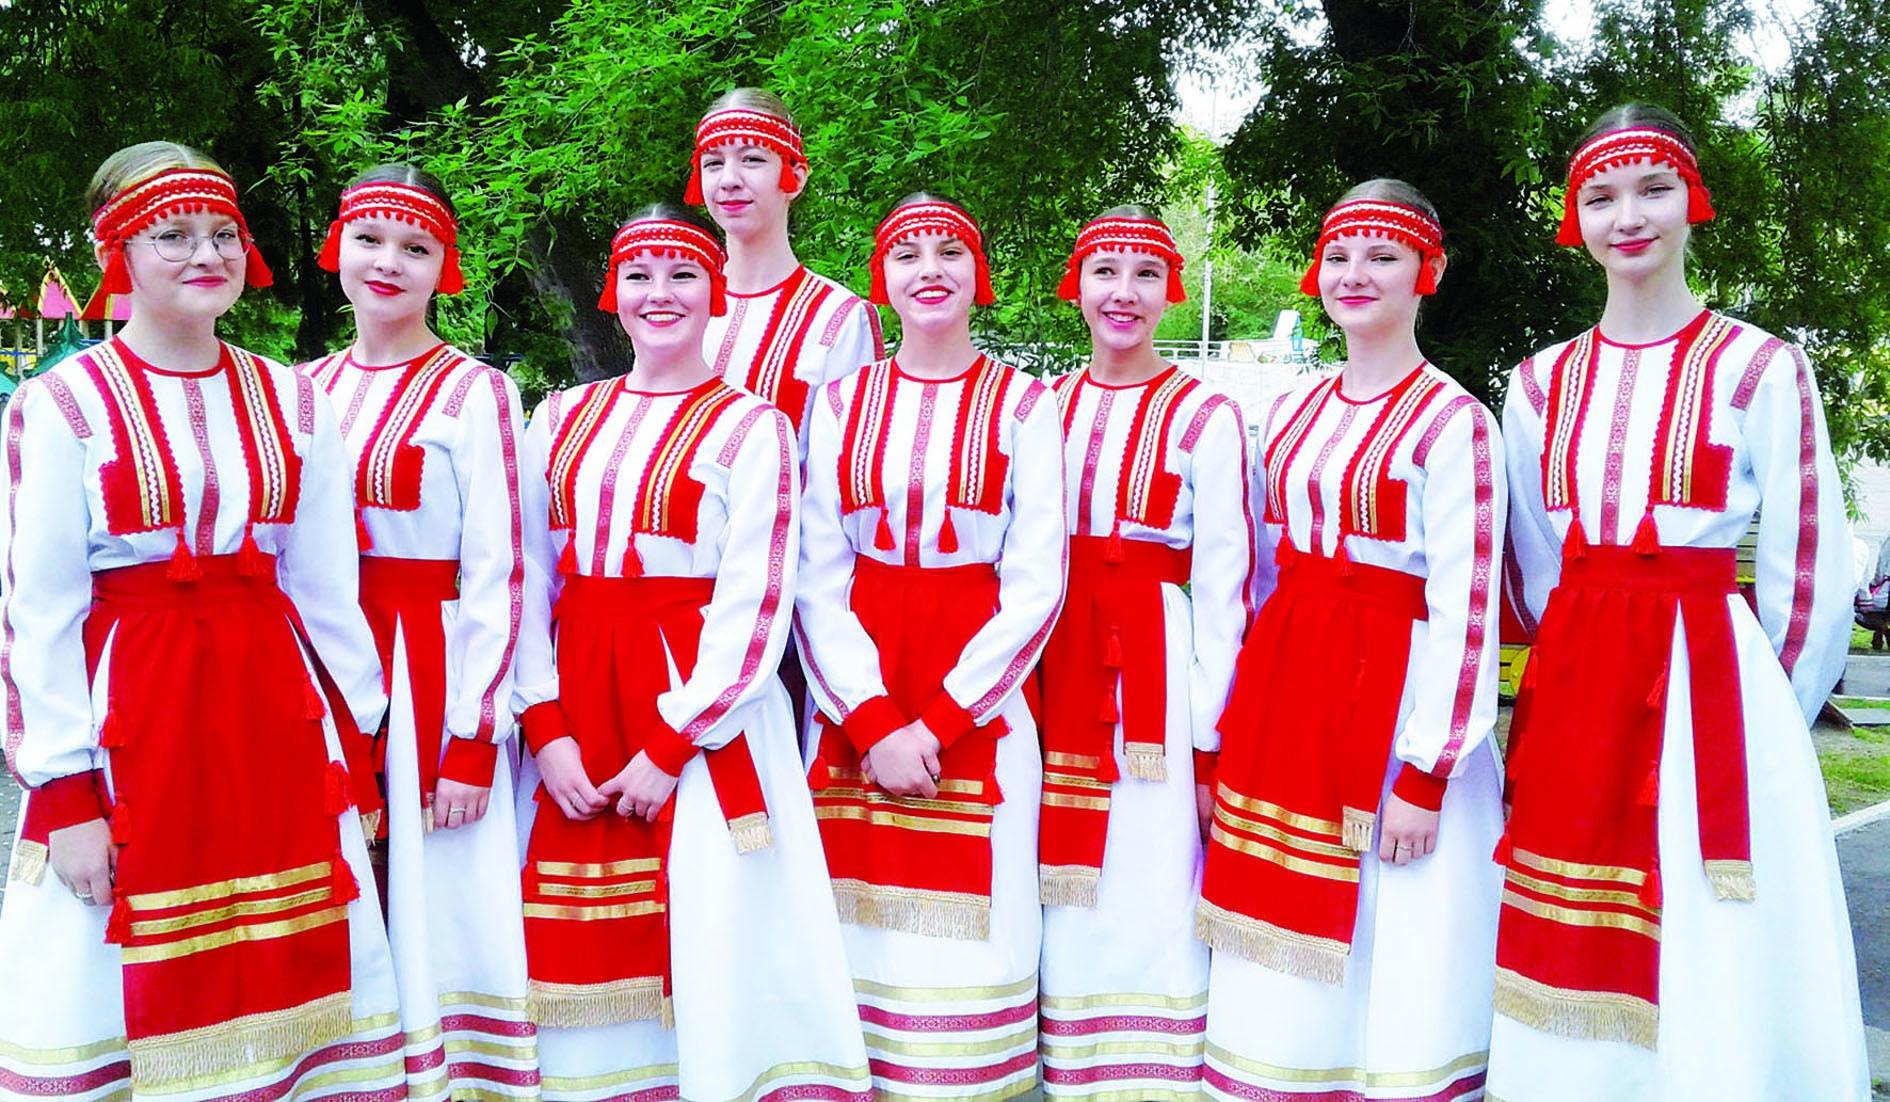 Ульяновскойсэ кавксоцеде ютась «Шумбрат» кенярксчись